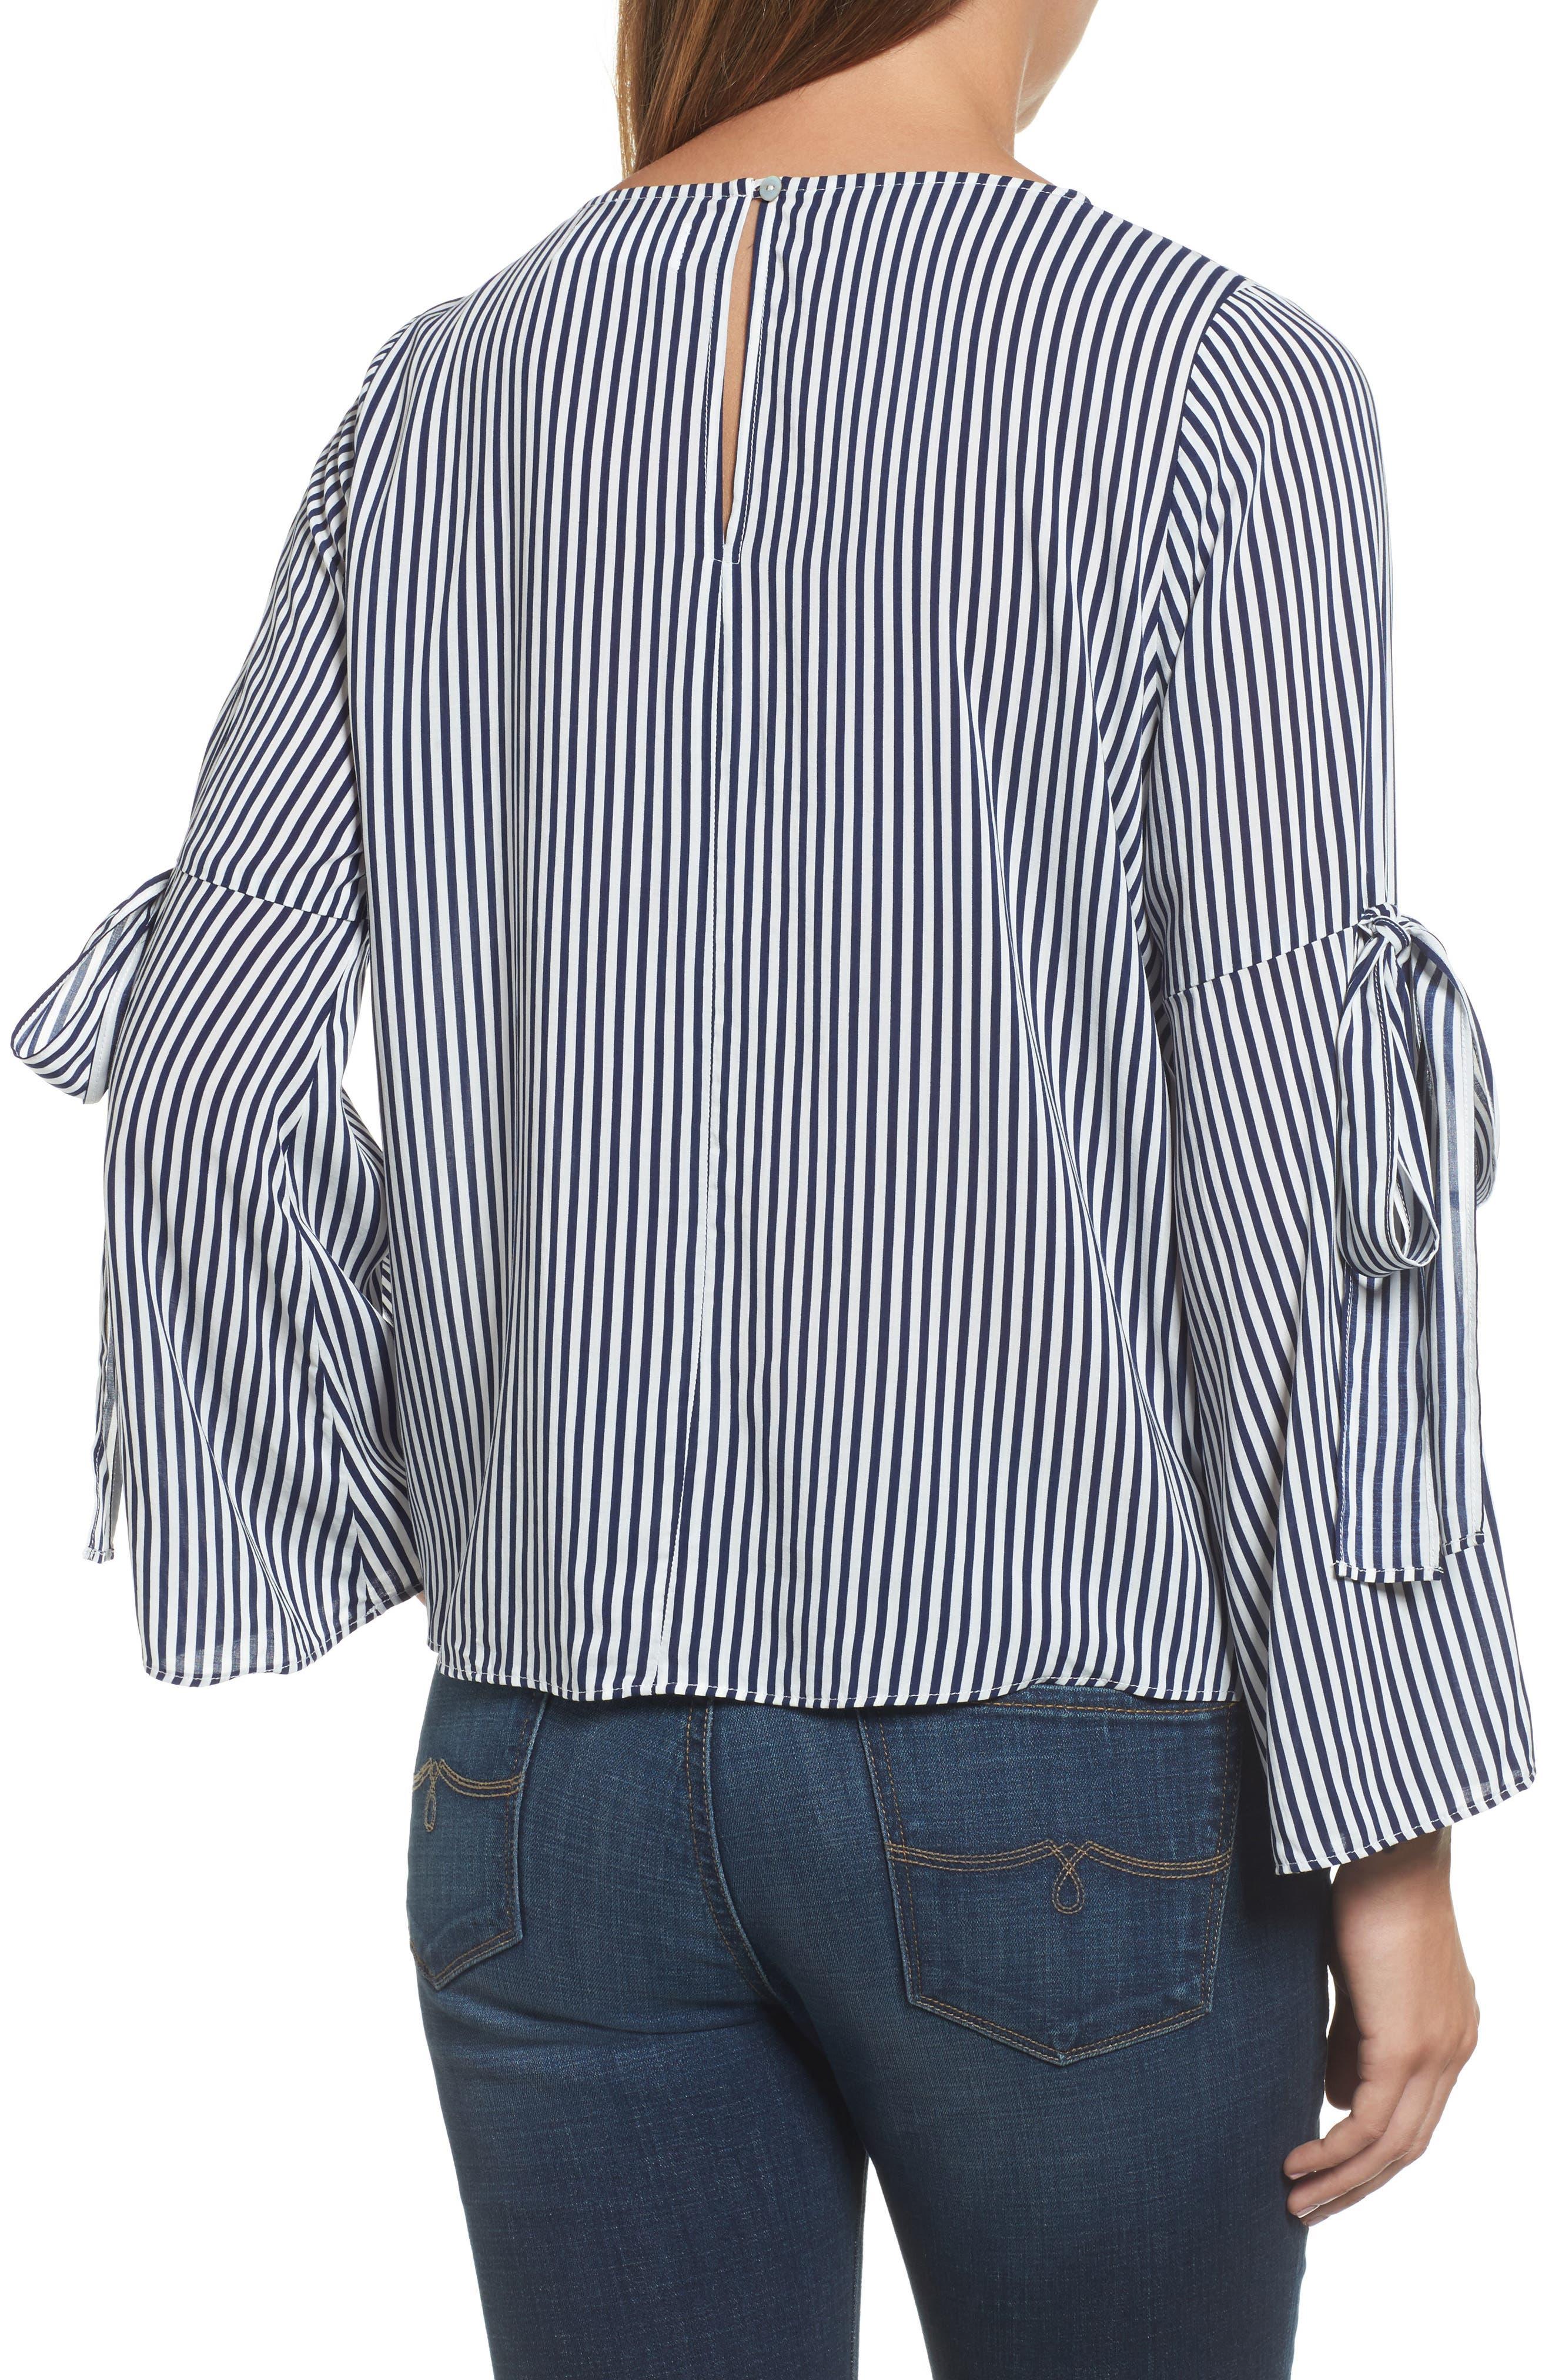 Alternate Image 3  - Velvet by Graham & Spencer Stripe Tie Bell Sleeve Blouse